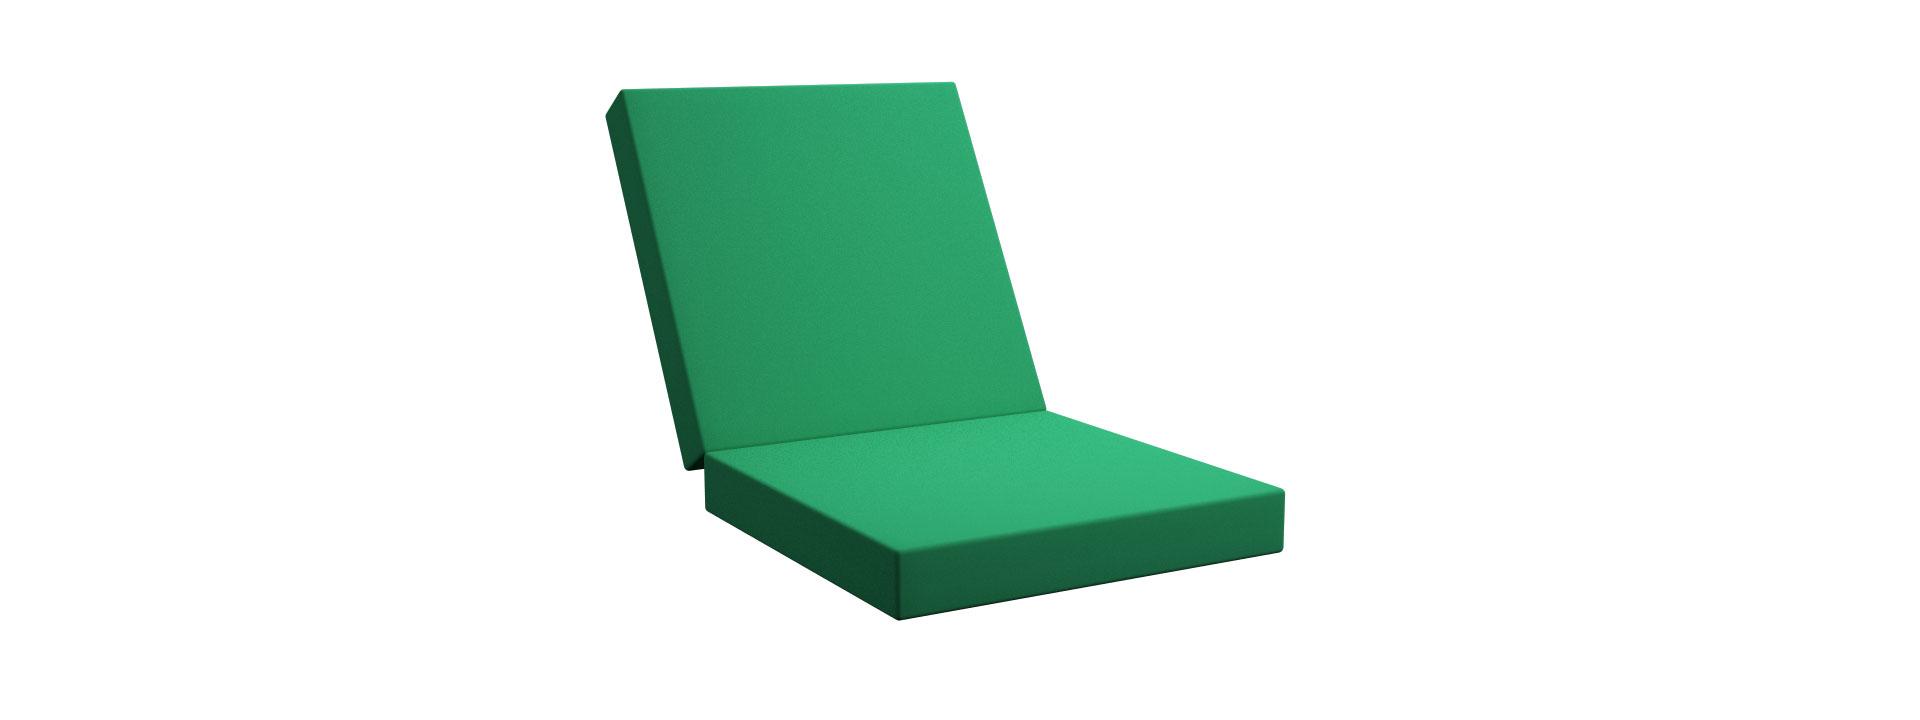 Cuscino da seduta antidecubito ed ortopedico